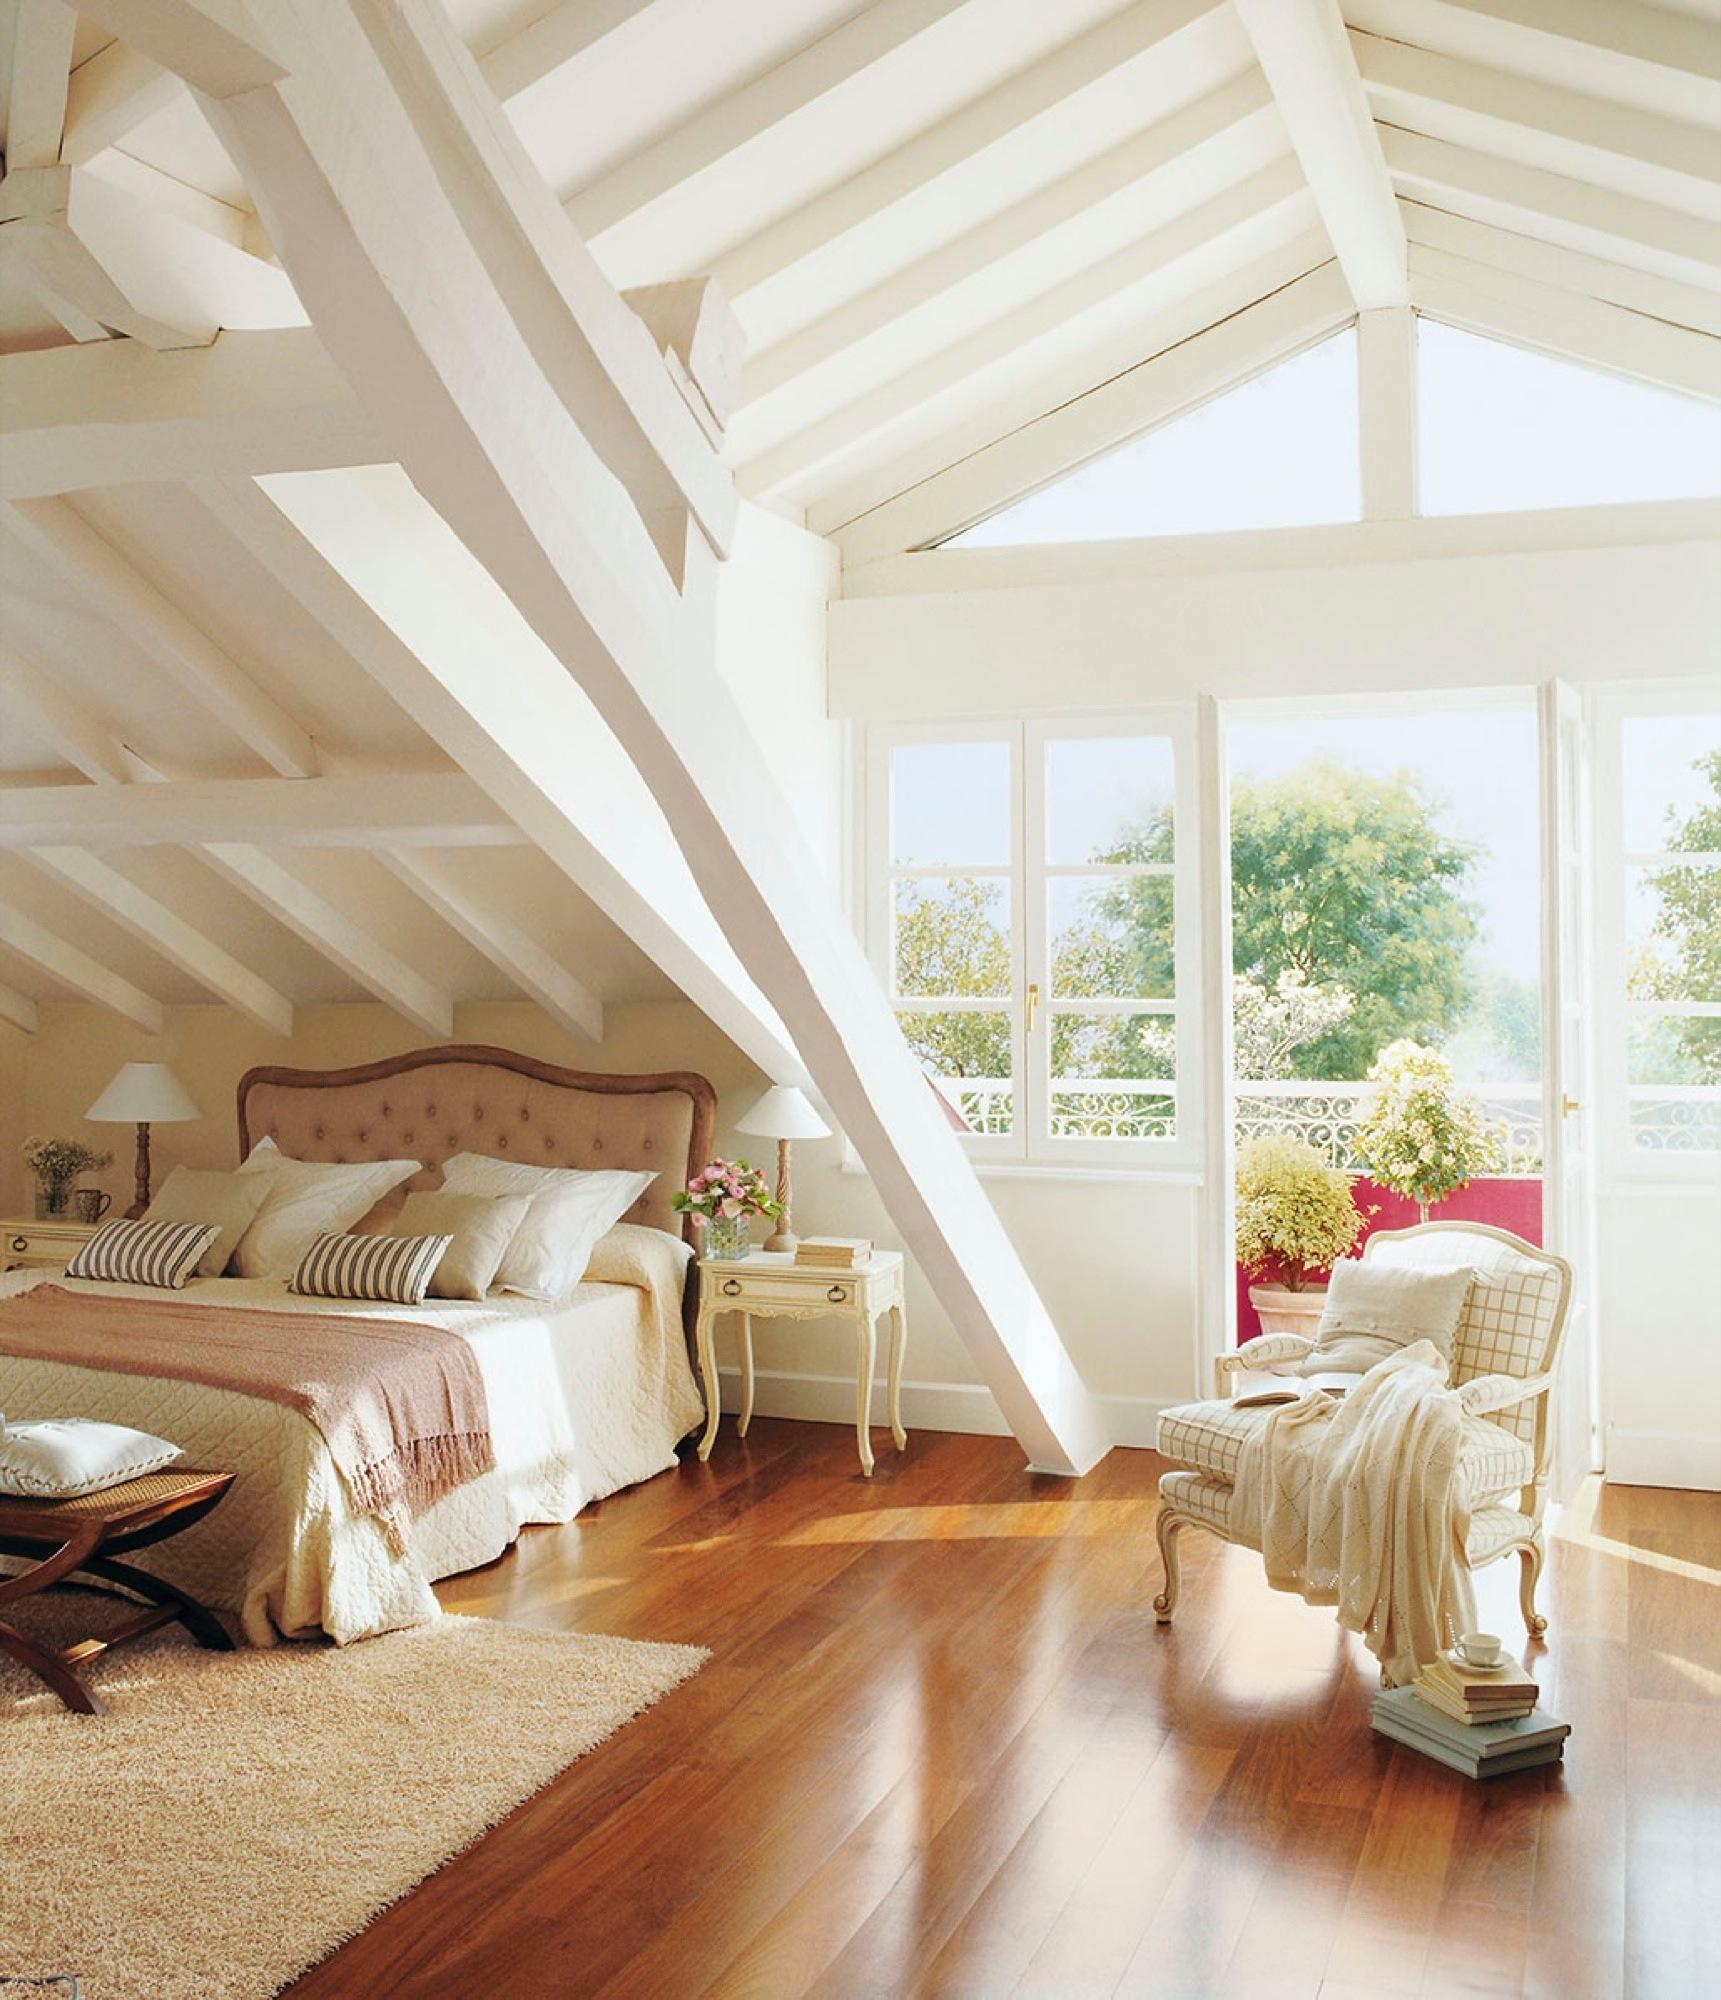 Decoracion habitacion rustica moderna simple dormitorios - Decoracion habitacion rustica ...